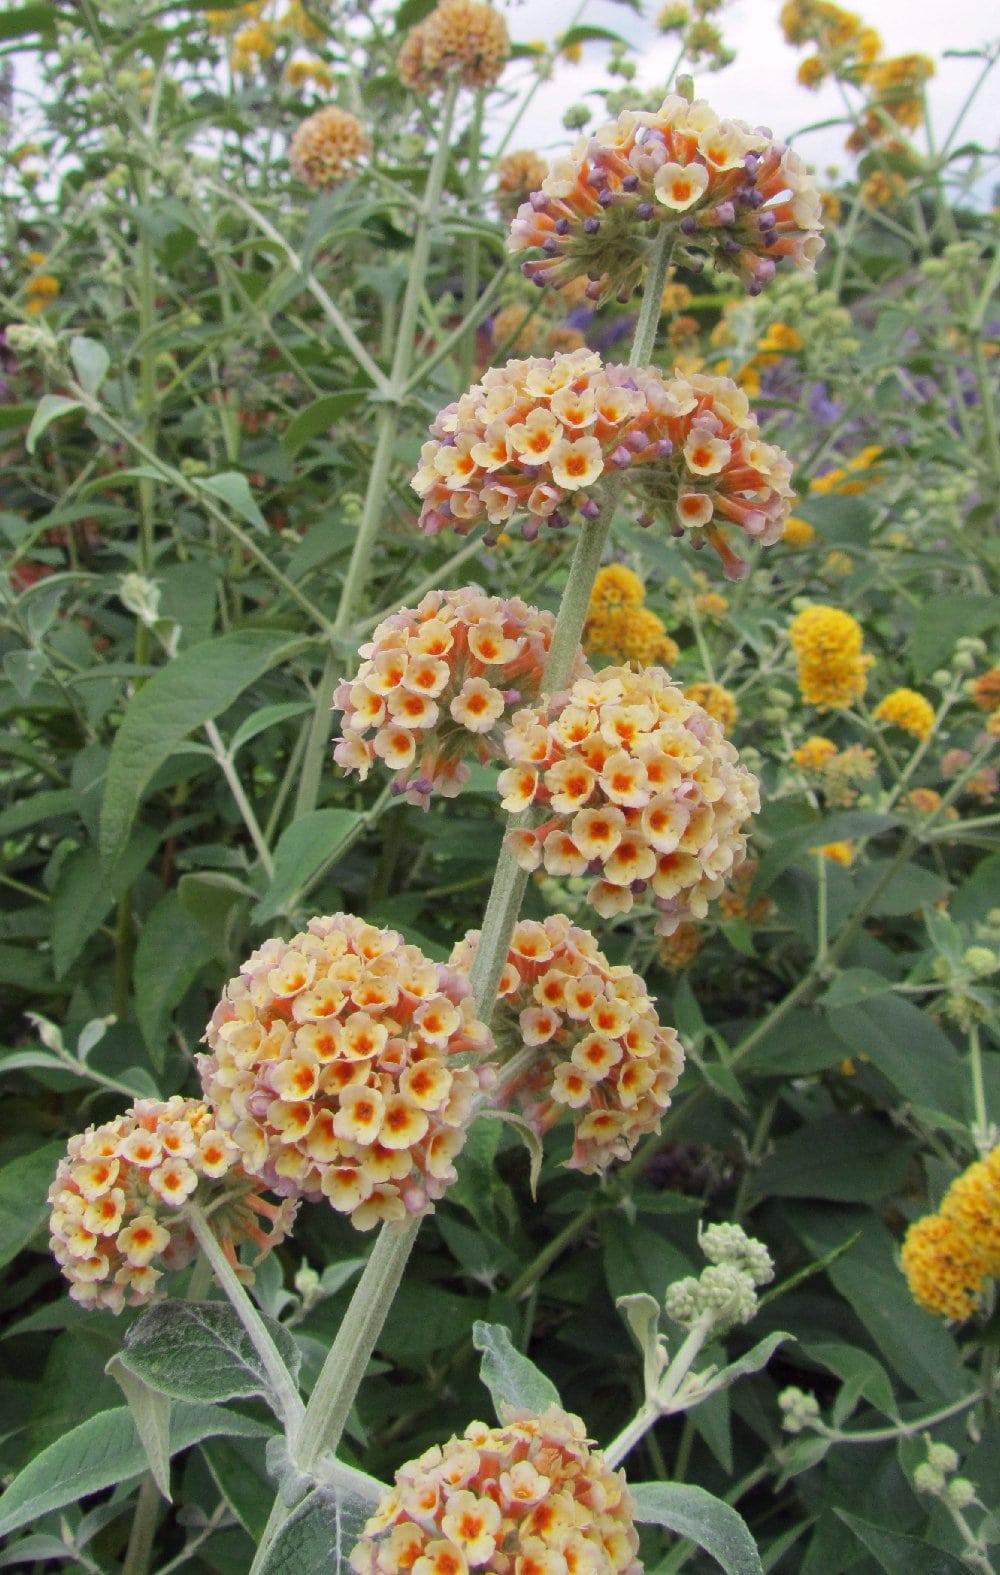 The Buddleja Garden Buddleia Weyeriana